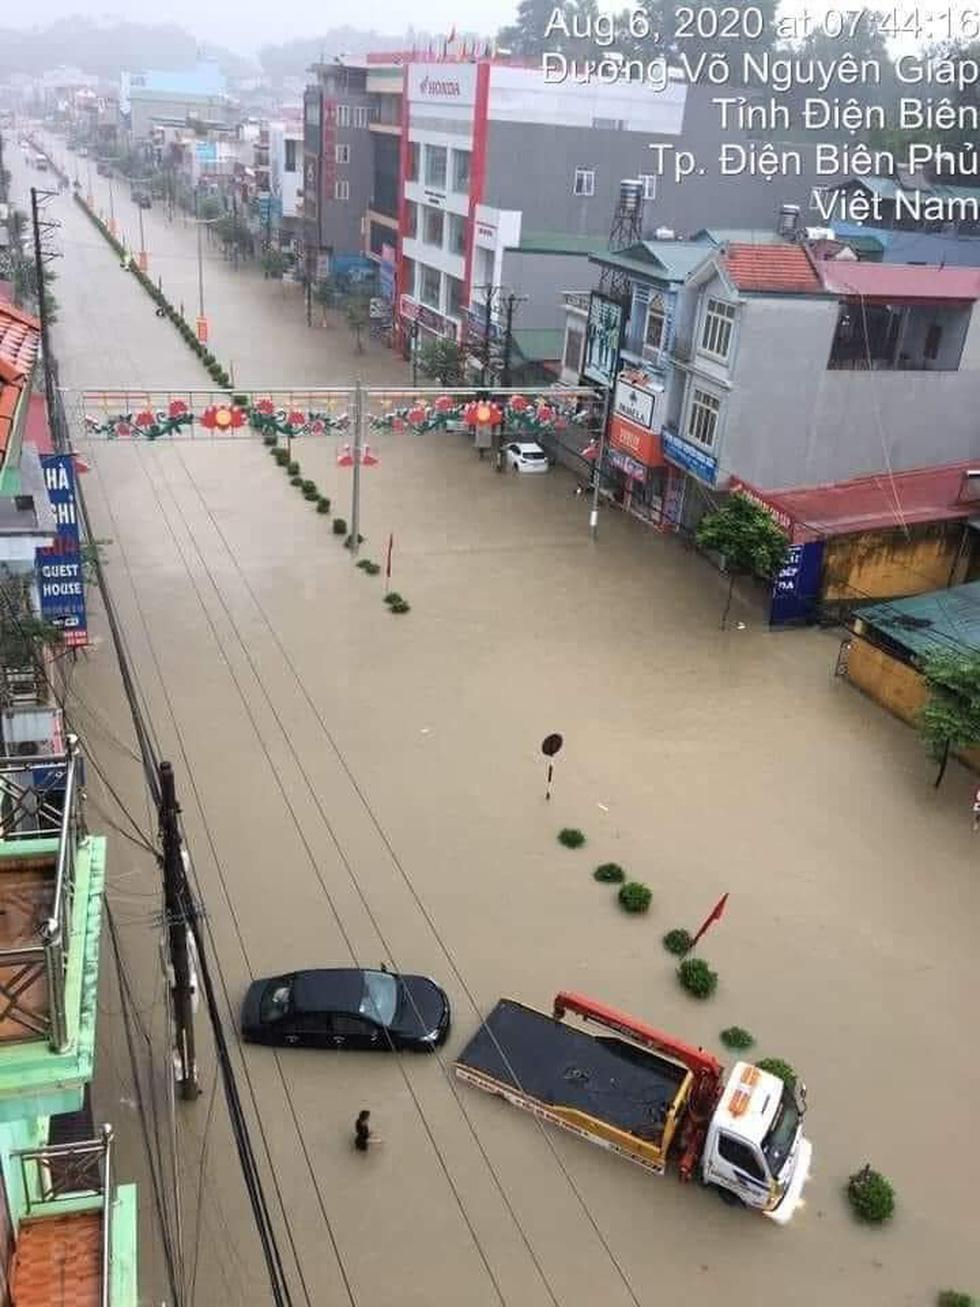 Vừa nâng cấp hệ thống thoát nước, TP Điện Biên Phủ ngập như sông sau mưa lớn - Ảnh 1.